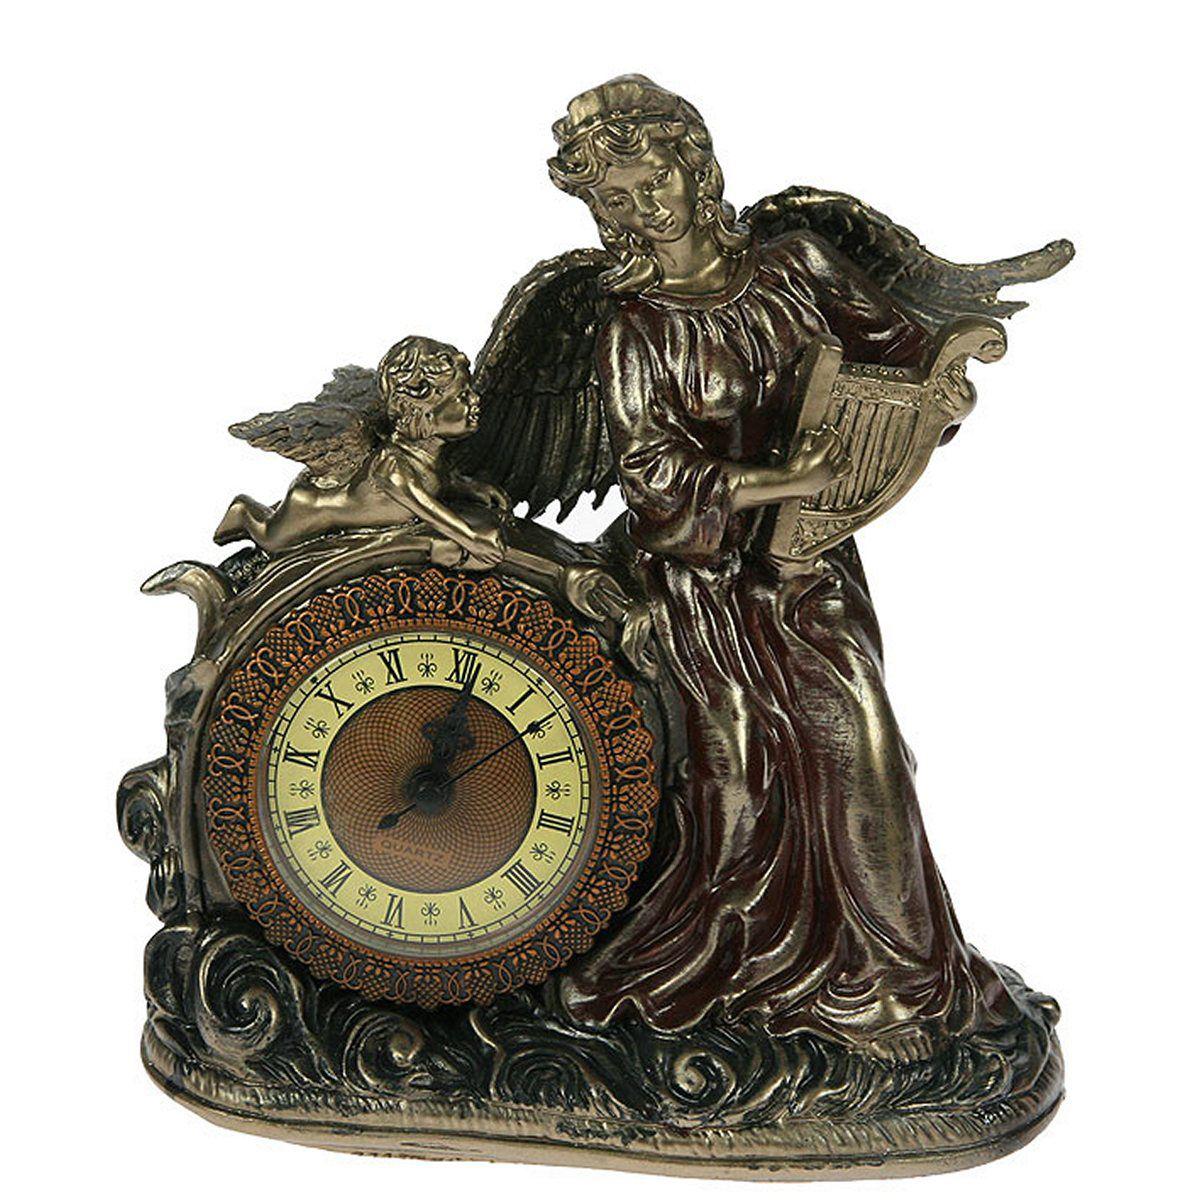 Часы настольные Русские Подарки Муза, 21 х 9 х 23 см. 59343 часы настольные русские подарки brigant с ручкой 27 х 13 х 8 см 28152